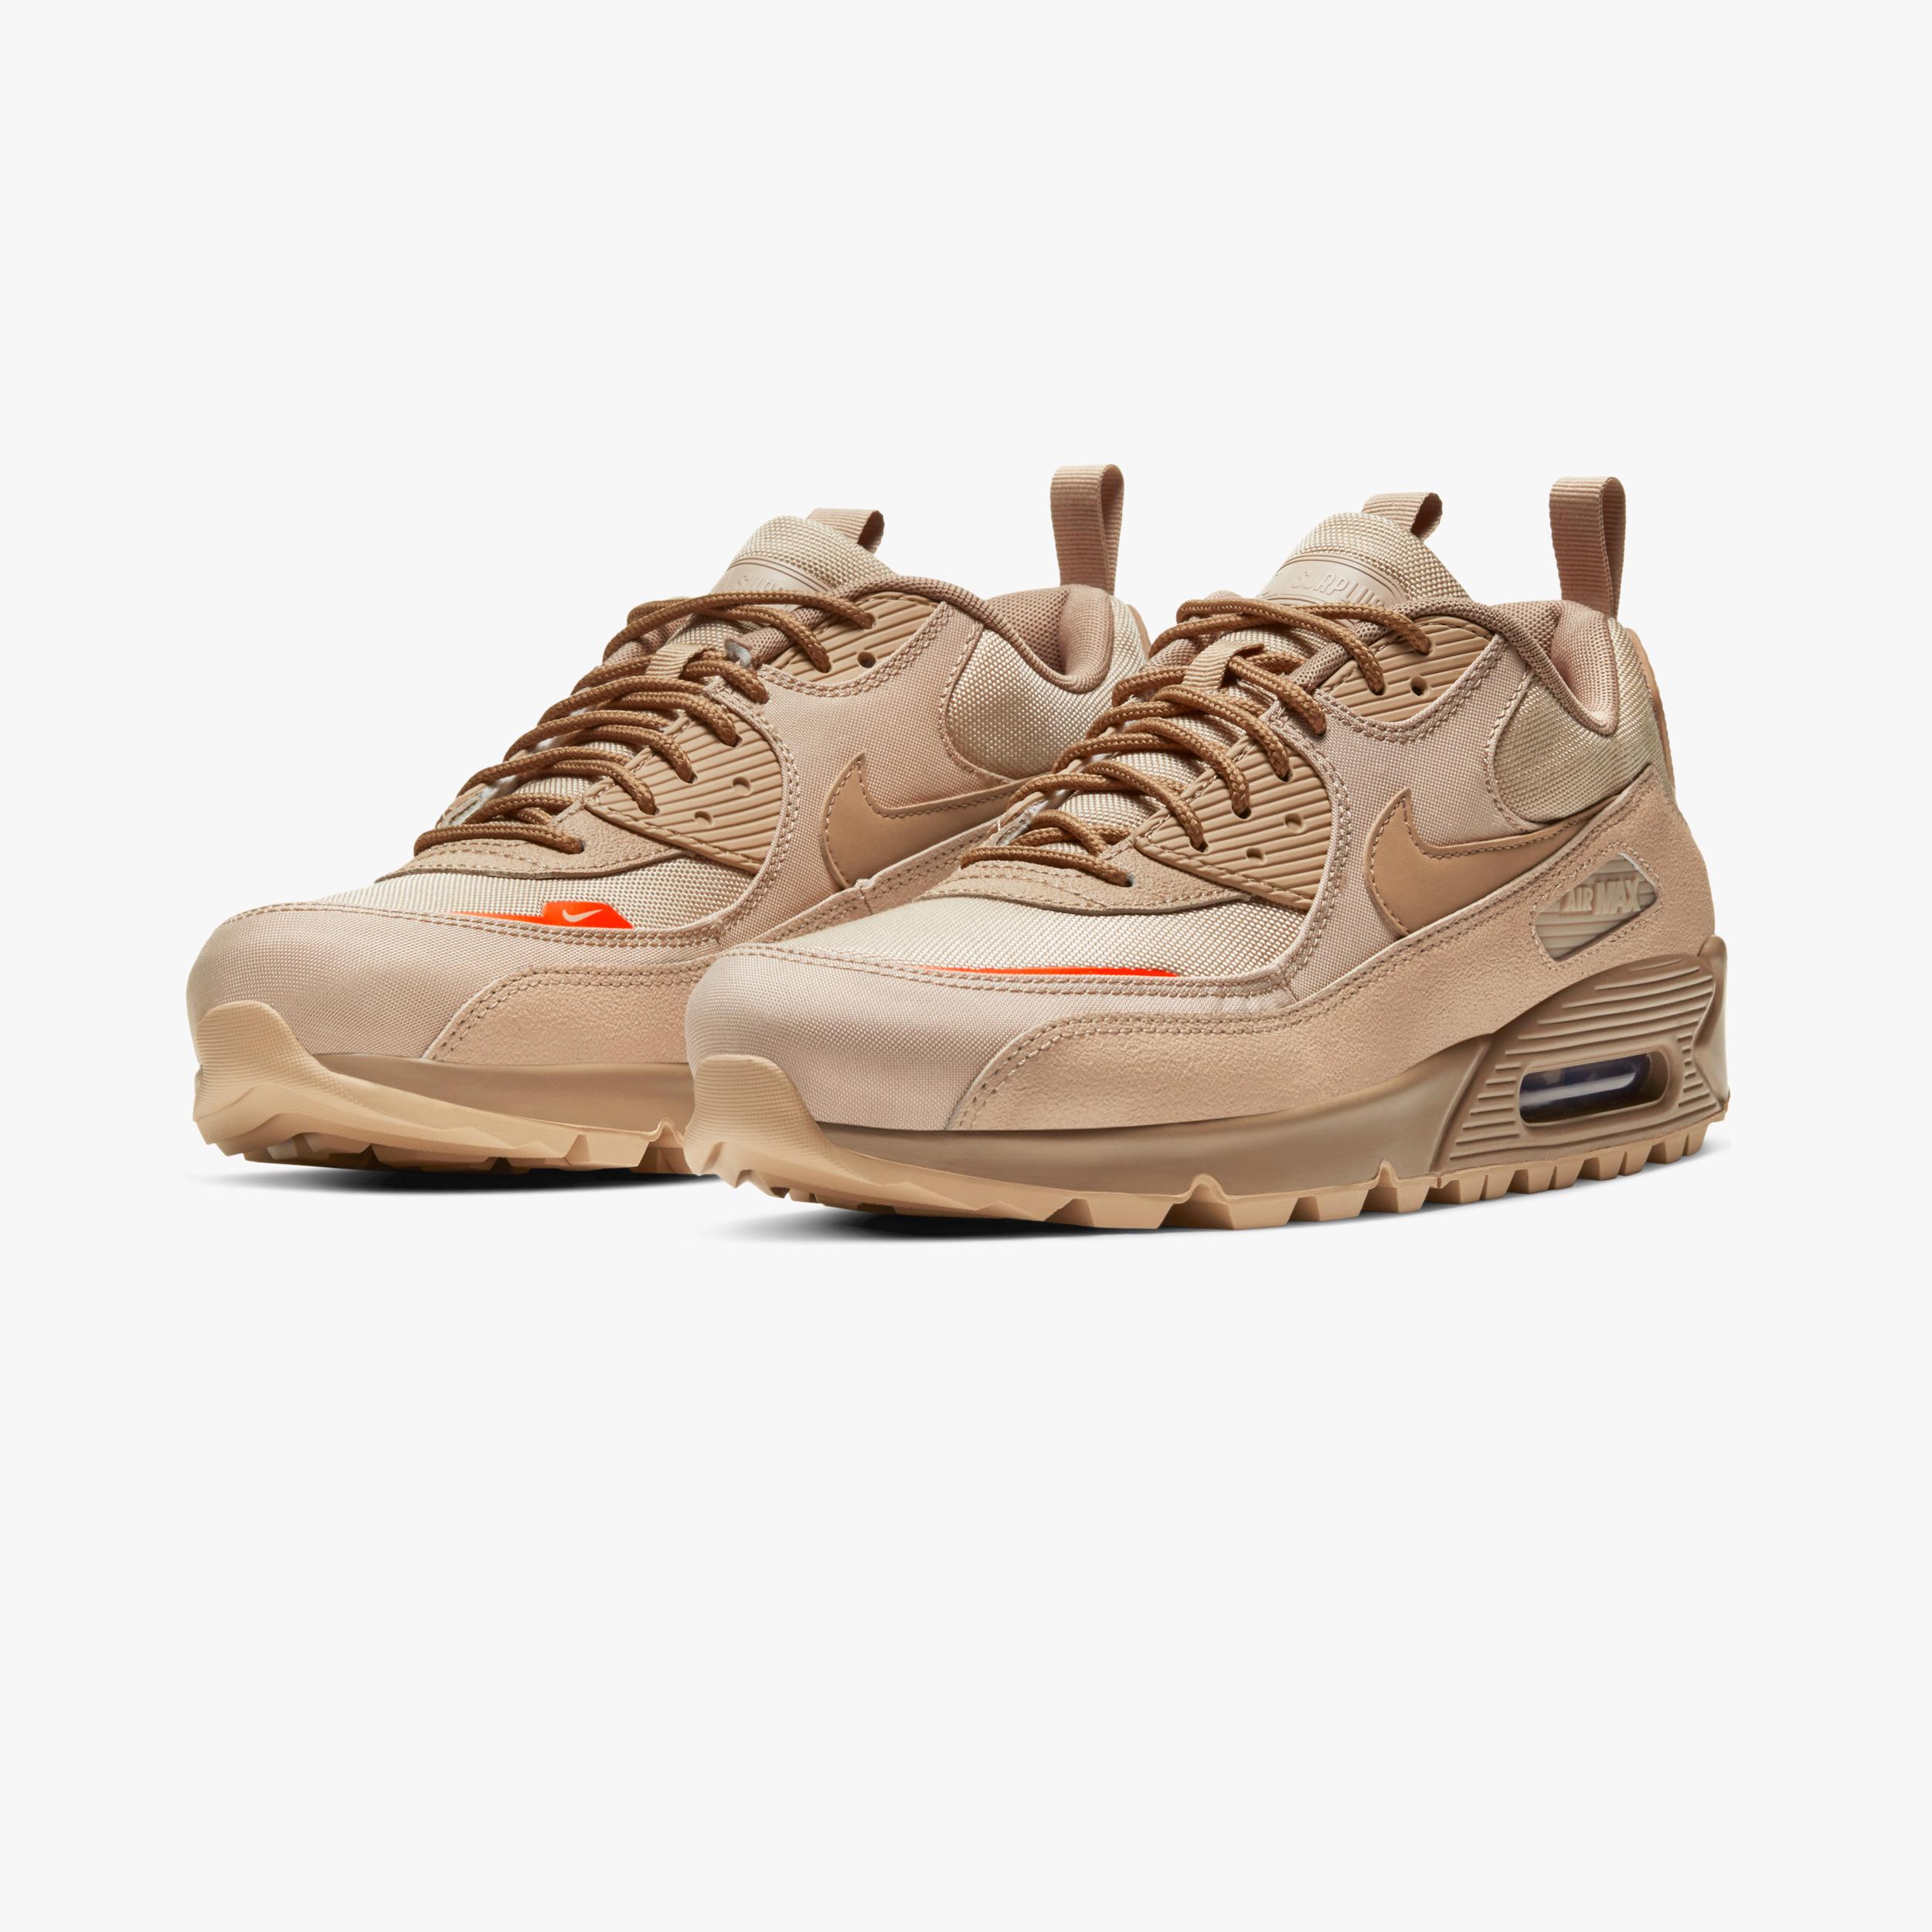 Nike Air Max 90 Surplus - Cq7743-200 - SNS   sneakers & streetwear ...